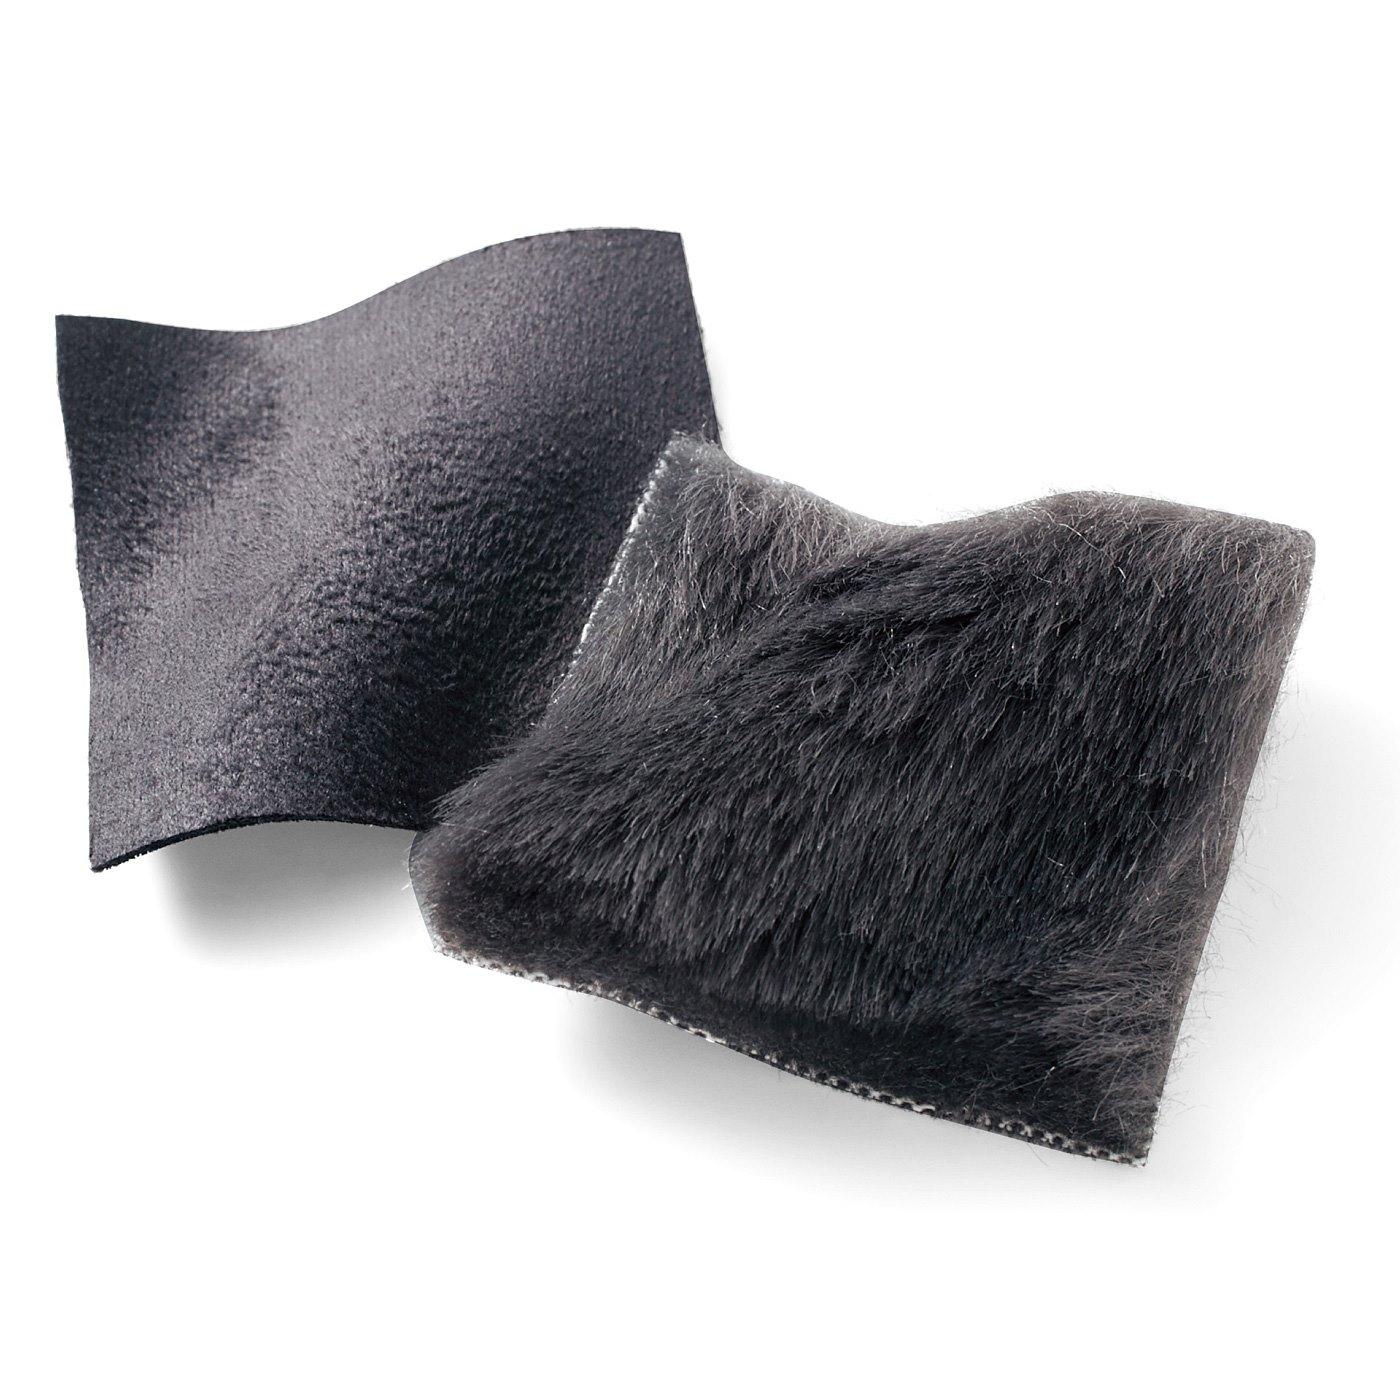 【万能チャコールグレー】しゃがんでも痛くないやわらか素材。黒よりおしゃれなチャコールで合わせやすい万能カラーです。